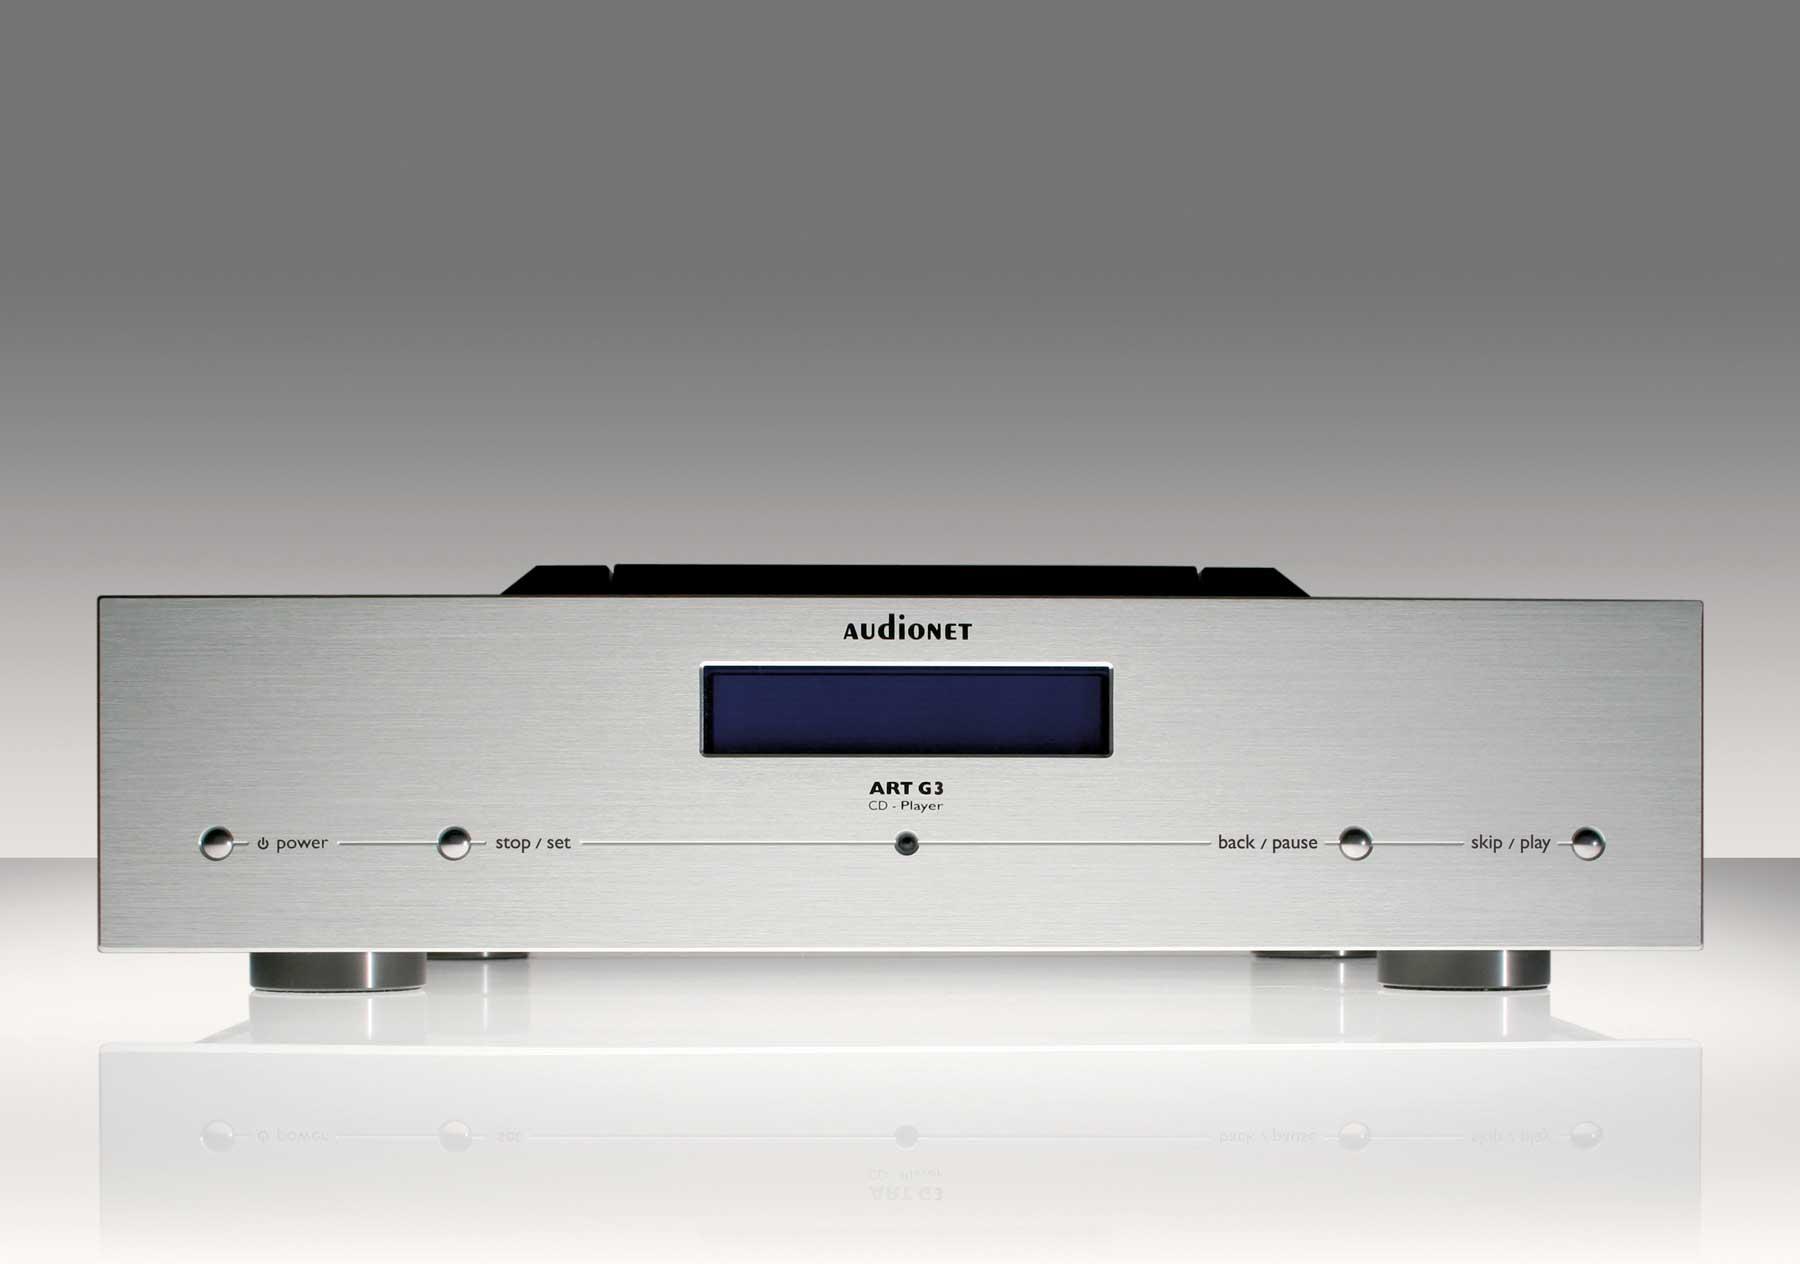 Art g u audionet die mutter aller cd spieler